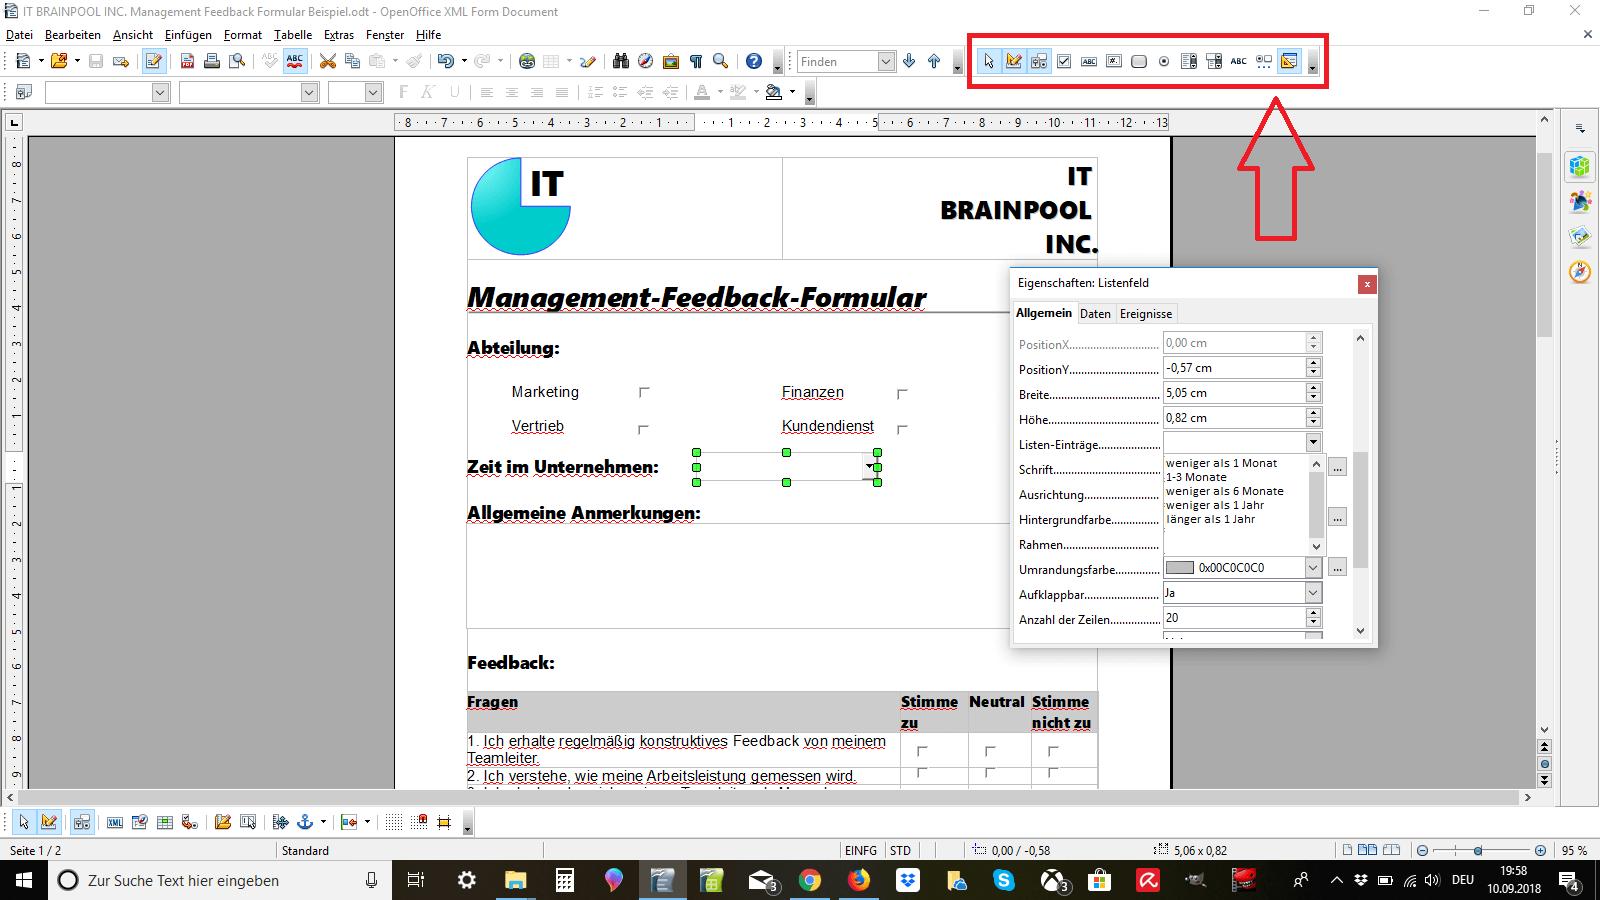 Ausfüllbares PDF-Formular erstellen | Anleitung - 1&1